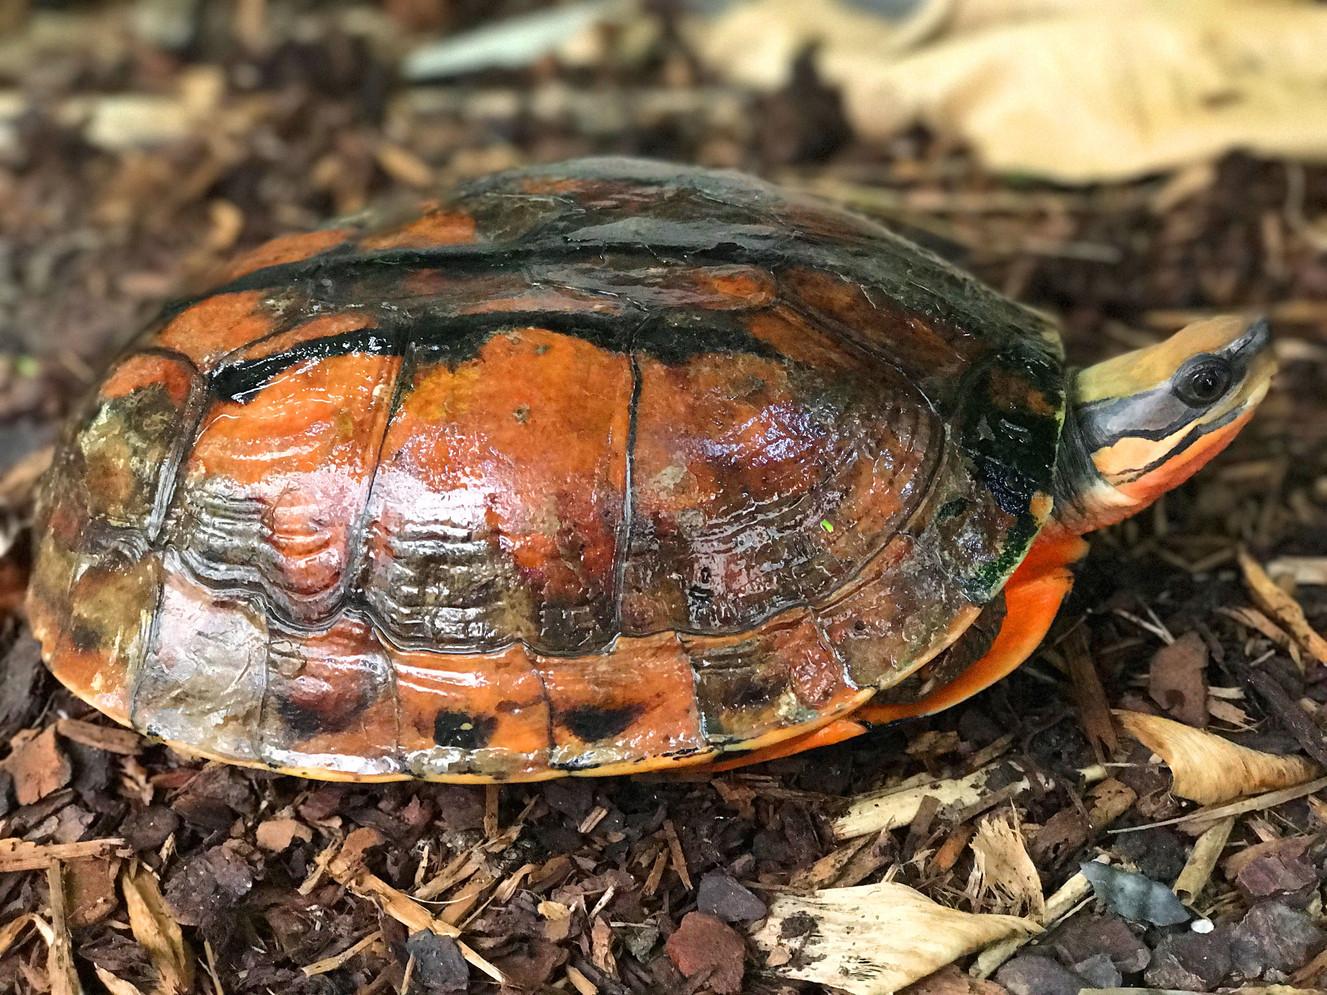 Cuora c. annamitica female